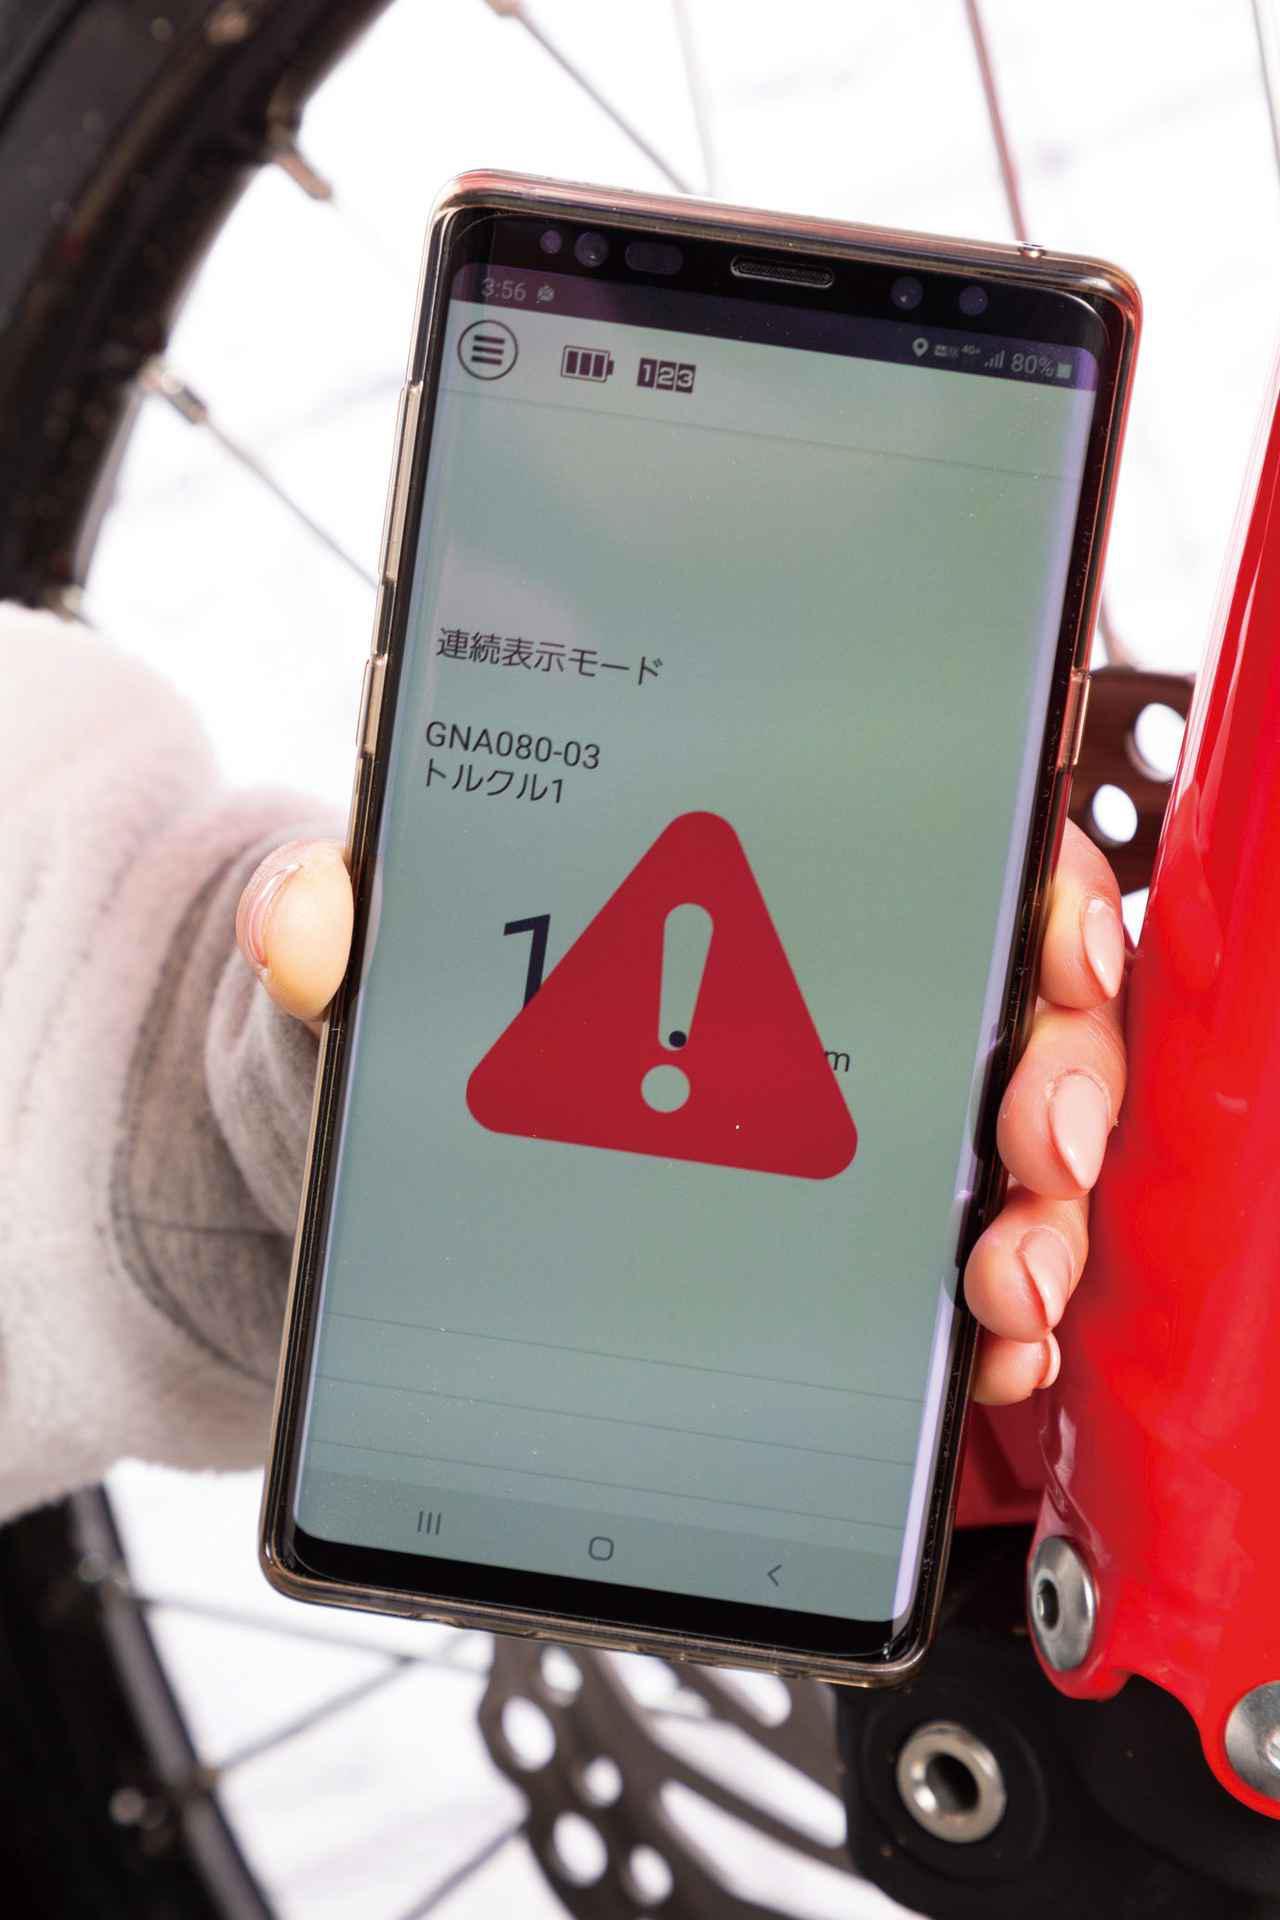 画像: 設定値を超えると赤い警告マークが現れ、警告音が鳴り、アプリ側には作業ごとの最大トルク値が記録される。